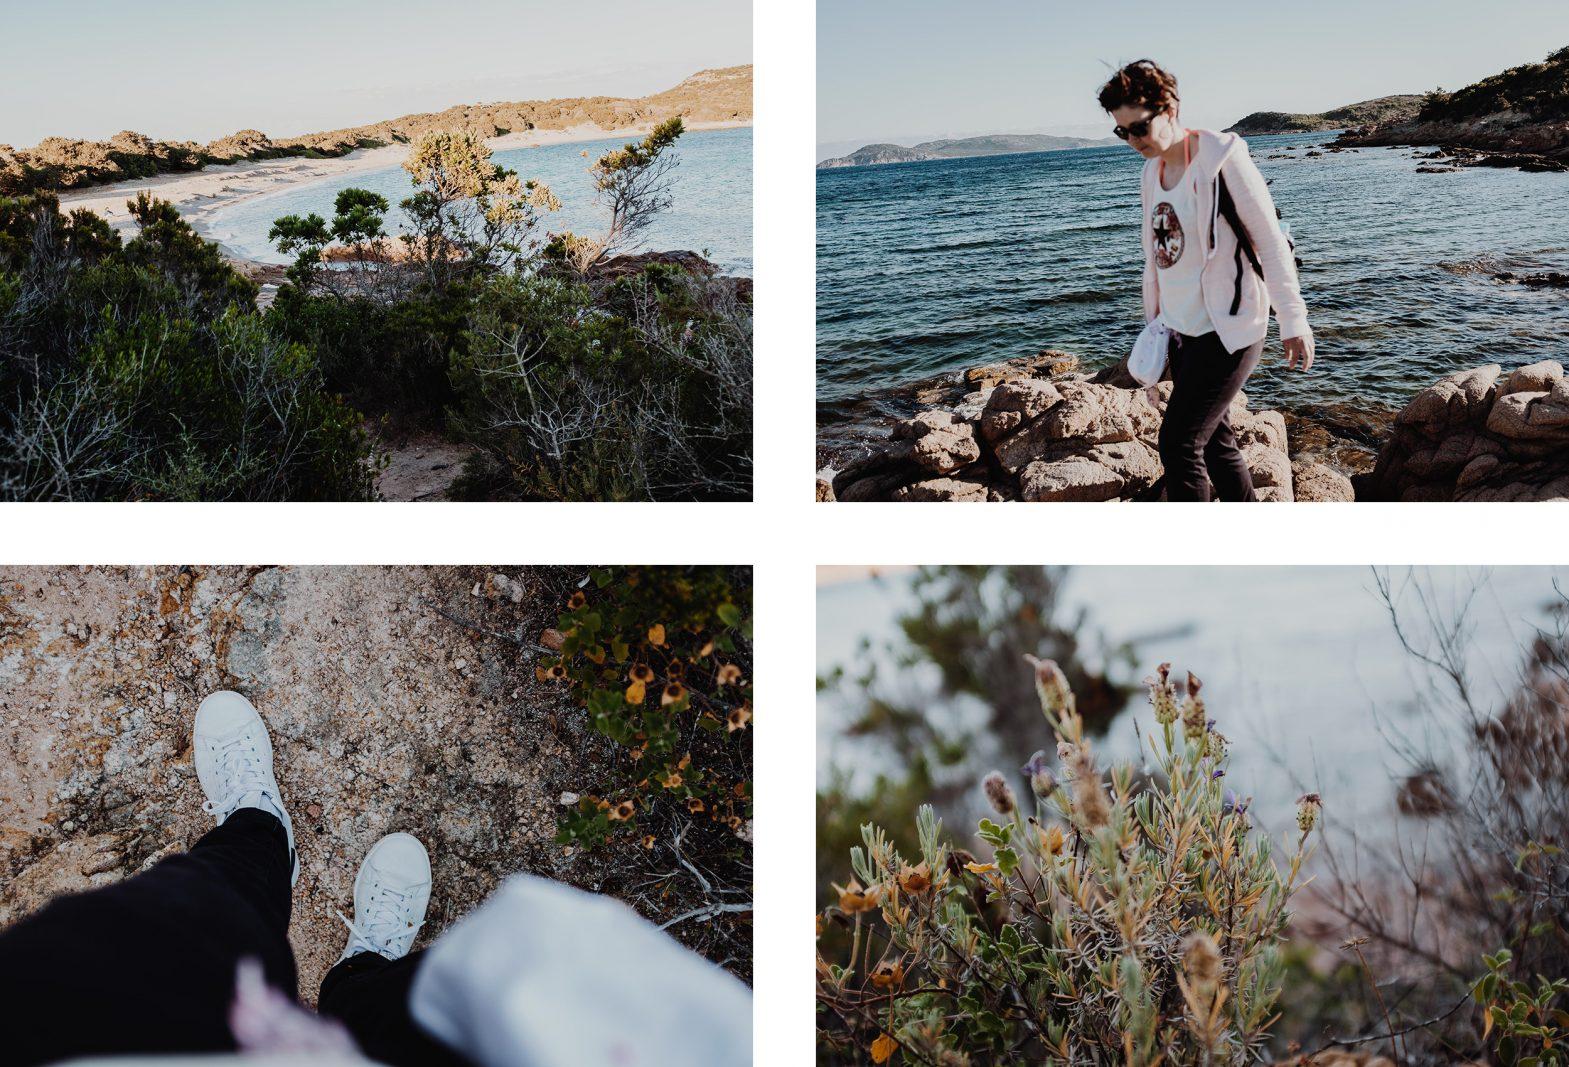 Photos & bonnes adresses Corse du Sud. Plage de Rondinara, par L'oeil de Noémie, photographe et blogueuse voyage. Belle photo de Corse du Sud.